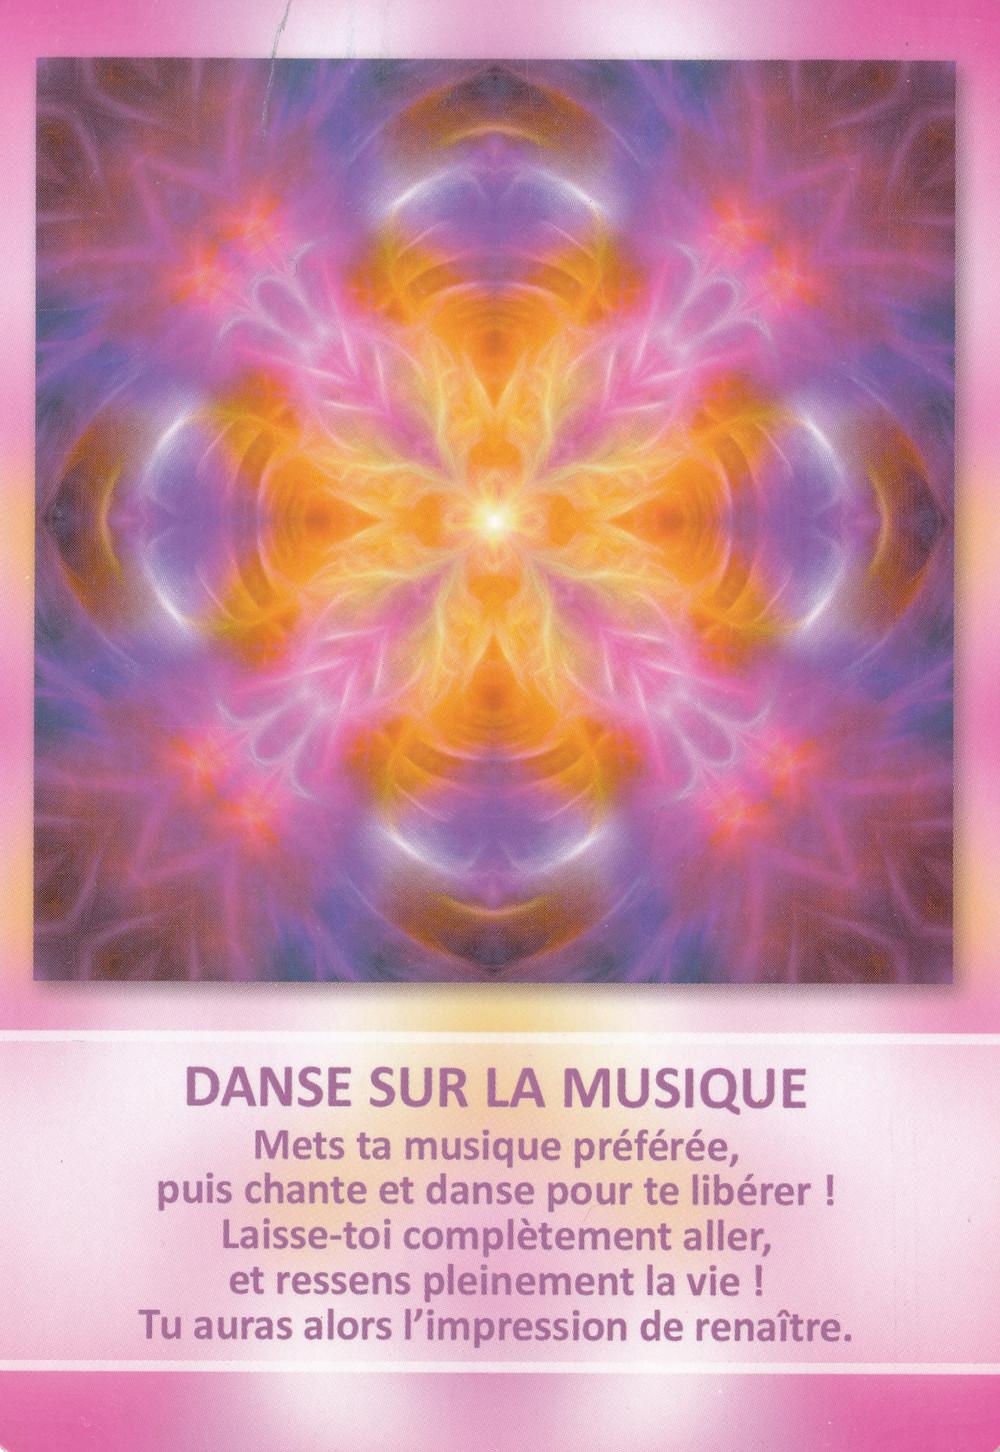 Carte de L'Oracle des Mandalas d'Énergie de Gaby Shayana Hoffmann - Énergies Avril 2021 (Portail 4-4 / 22-4) : Accueillir son Feu Sacré et Manifester ses Aspirations